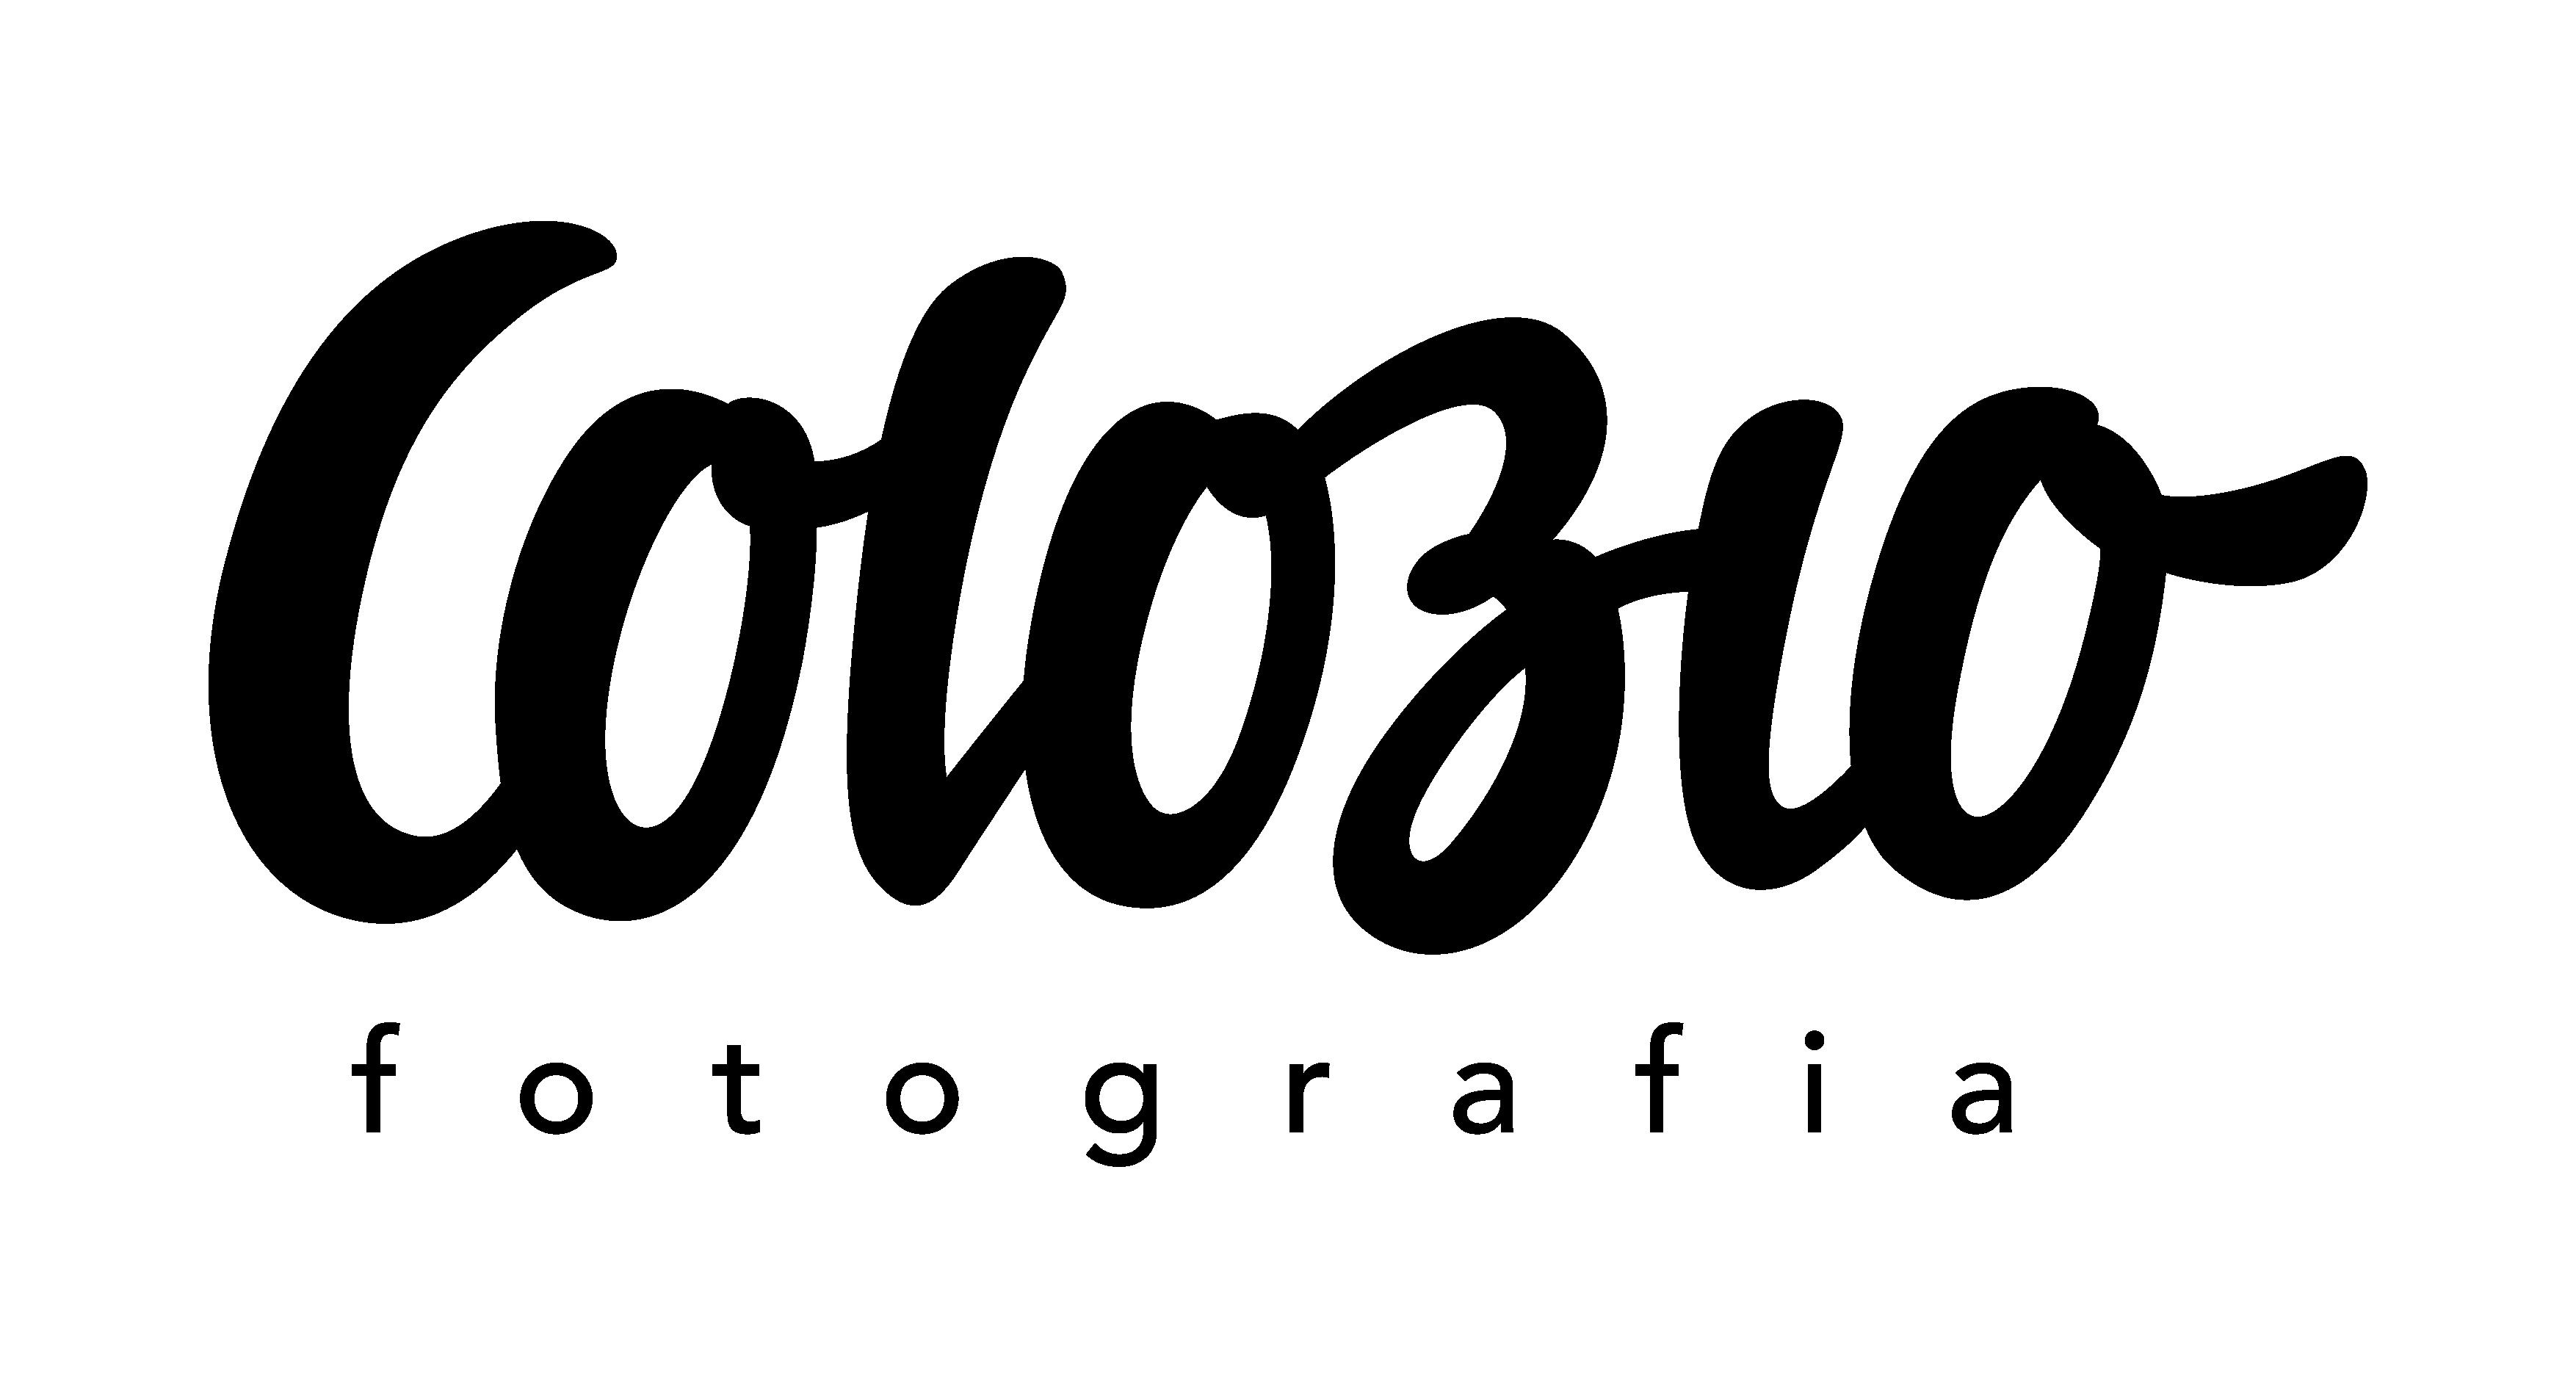 Colozio - Fotografia Profissional